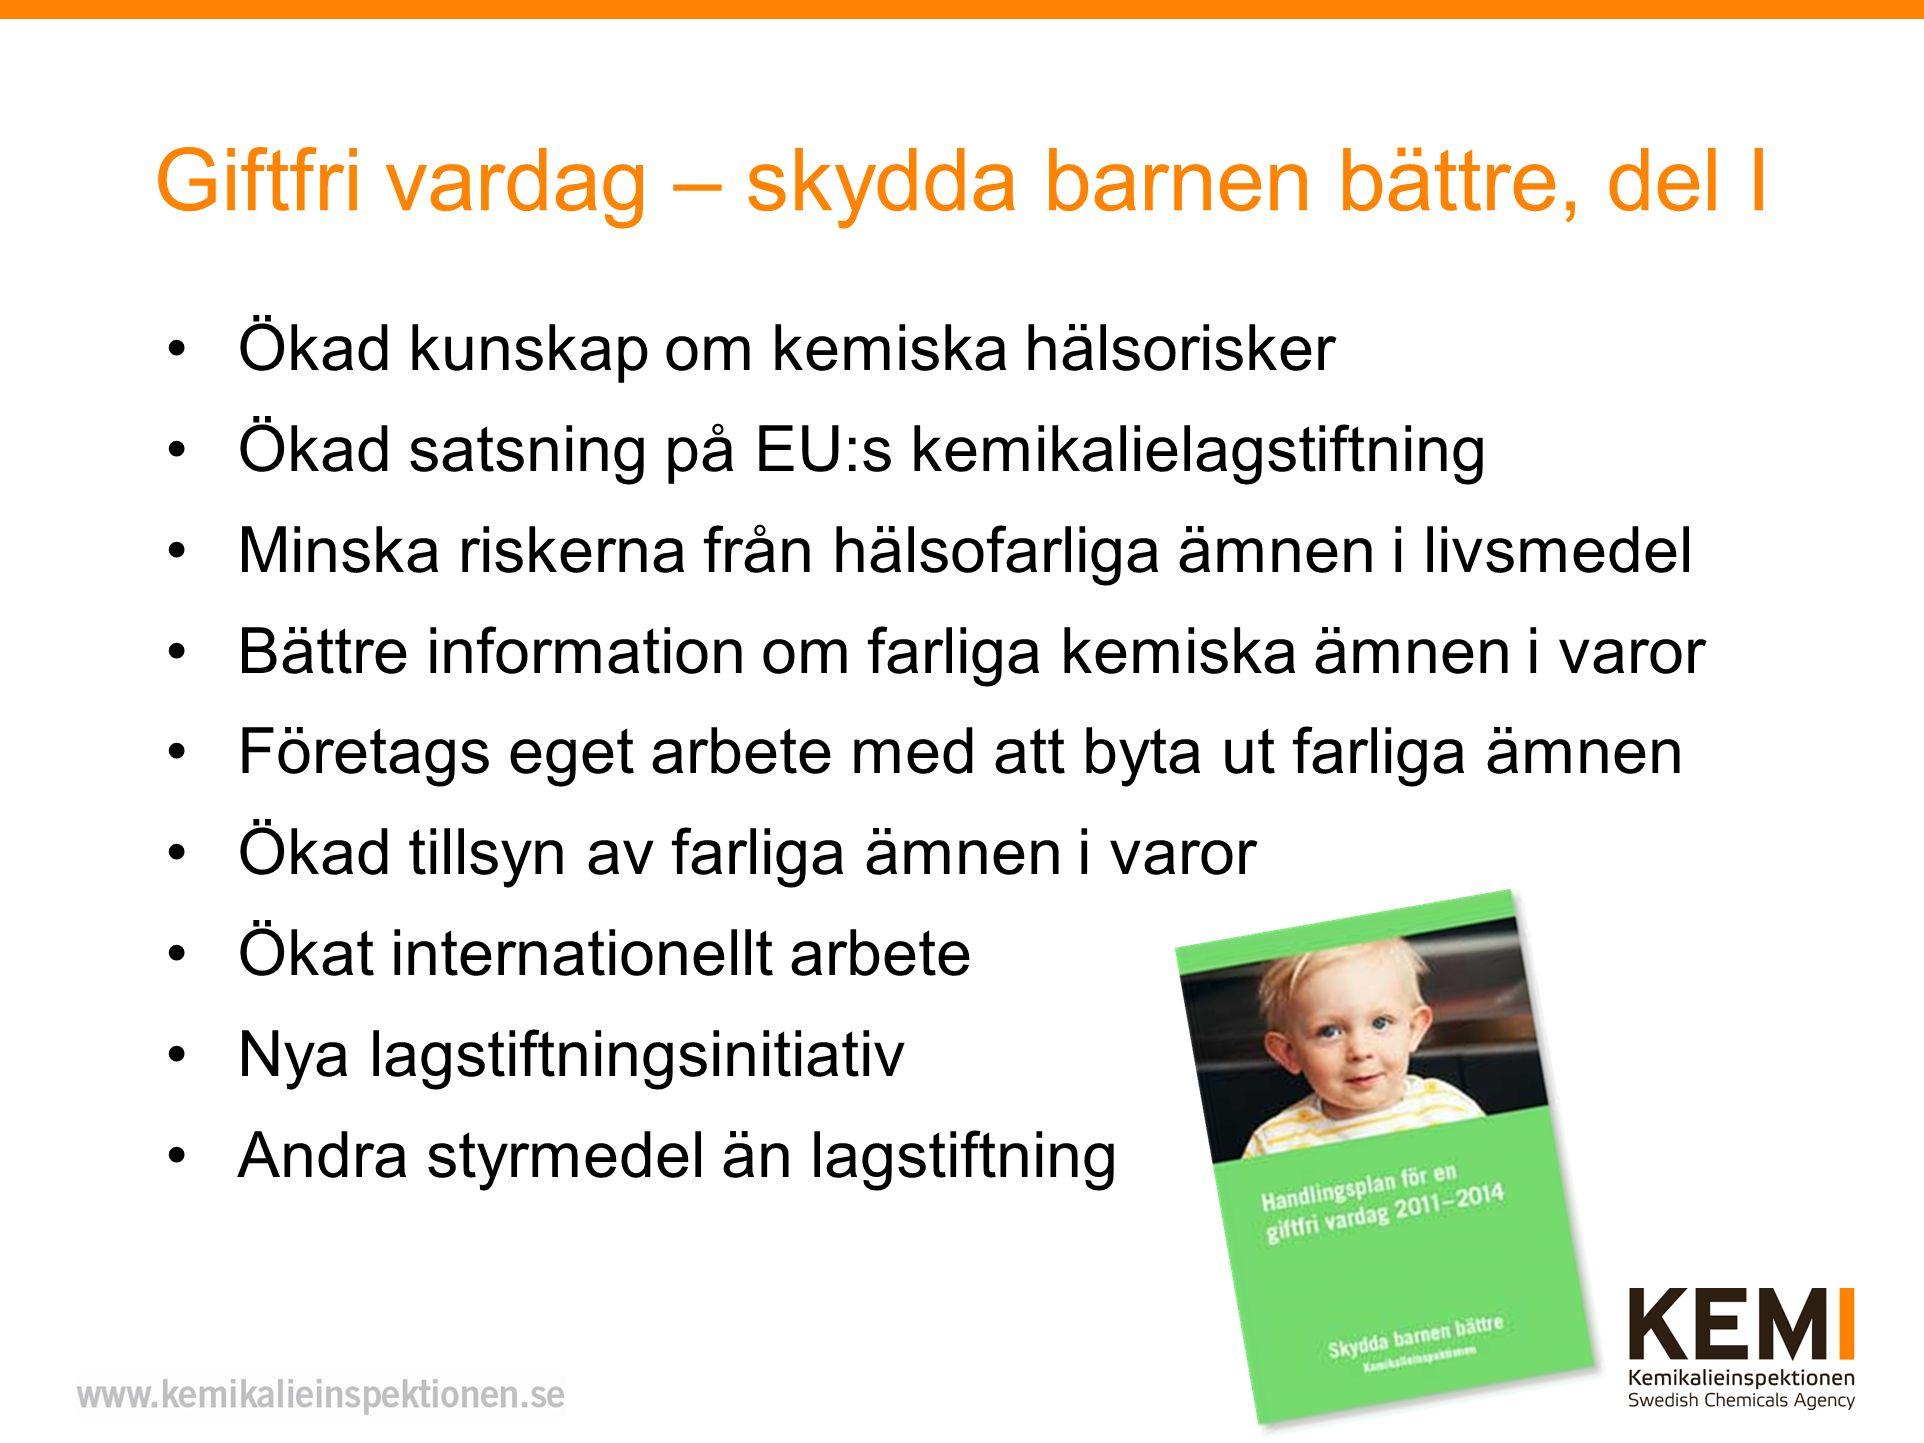 Giftfri vardag – skydda barnen bättre, del I Ökad kunskap om kemiska hälsorisker Ökad satsning på EU:s kemikalielagstiftning Minska riskerna från hälsofarliga ämnen i livsmedel Bättre information om farliga kemiska ämnen i varor Företags eget arbete med att byta ut farliga ämnen Ökad tillsyn av farliga ämnen i varor Ökat internationellt arbete Nya lagstiftningsinitiativ Andra styrmedel än lagstiftning